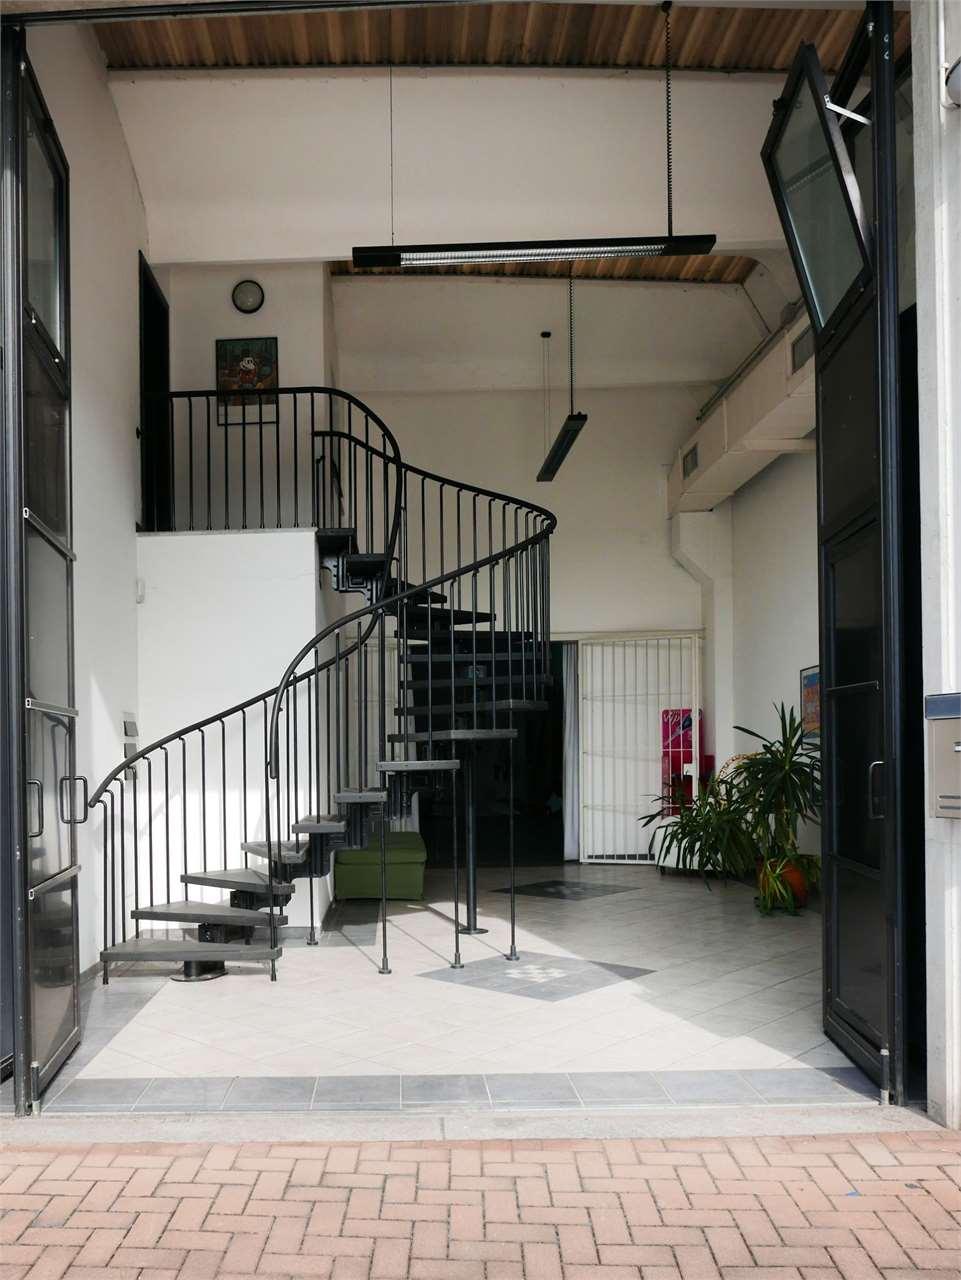 Laboratorio in vendita a Cocquio-Trevisago, 3 locali, prezzo € 180.000 | PortaleAgenzieImmobiliari.it